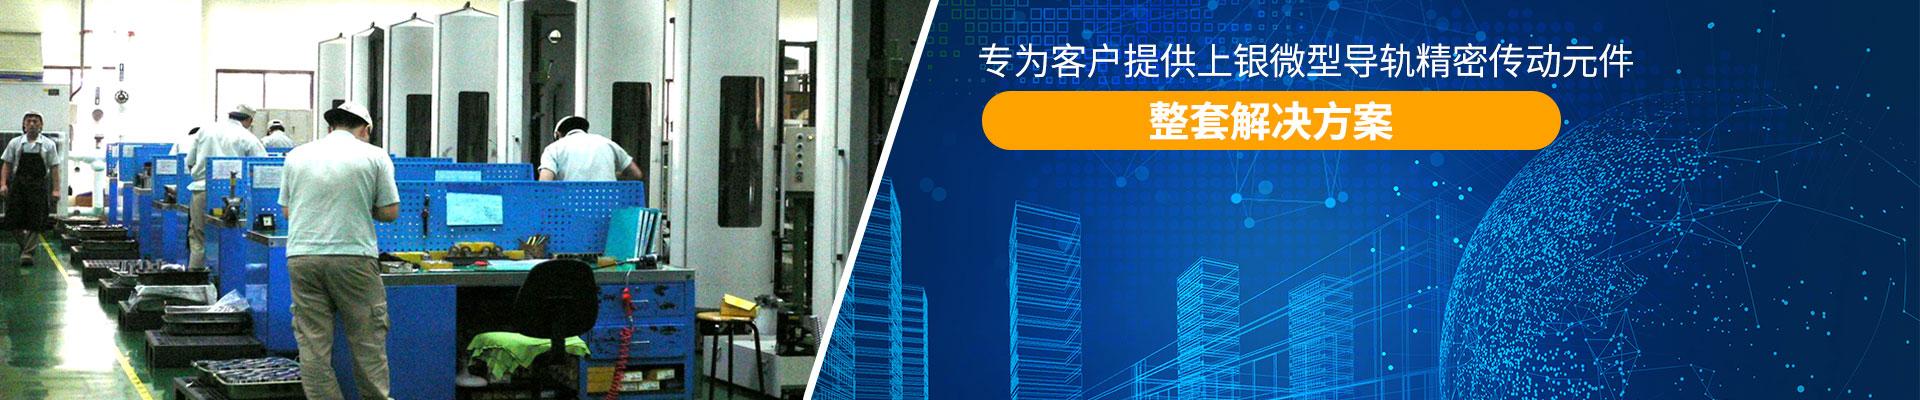 雅威达-专为客户提供上银微型导轨精密传动元件